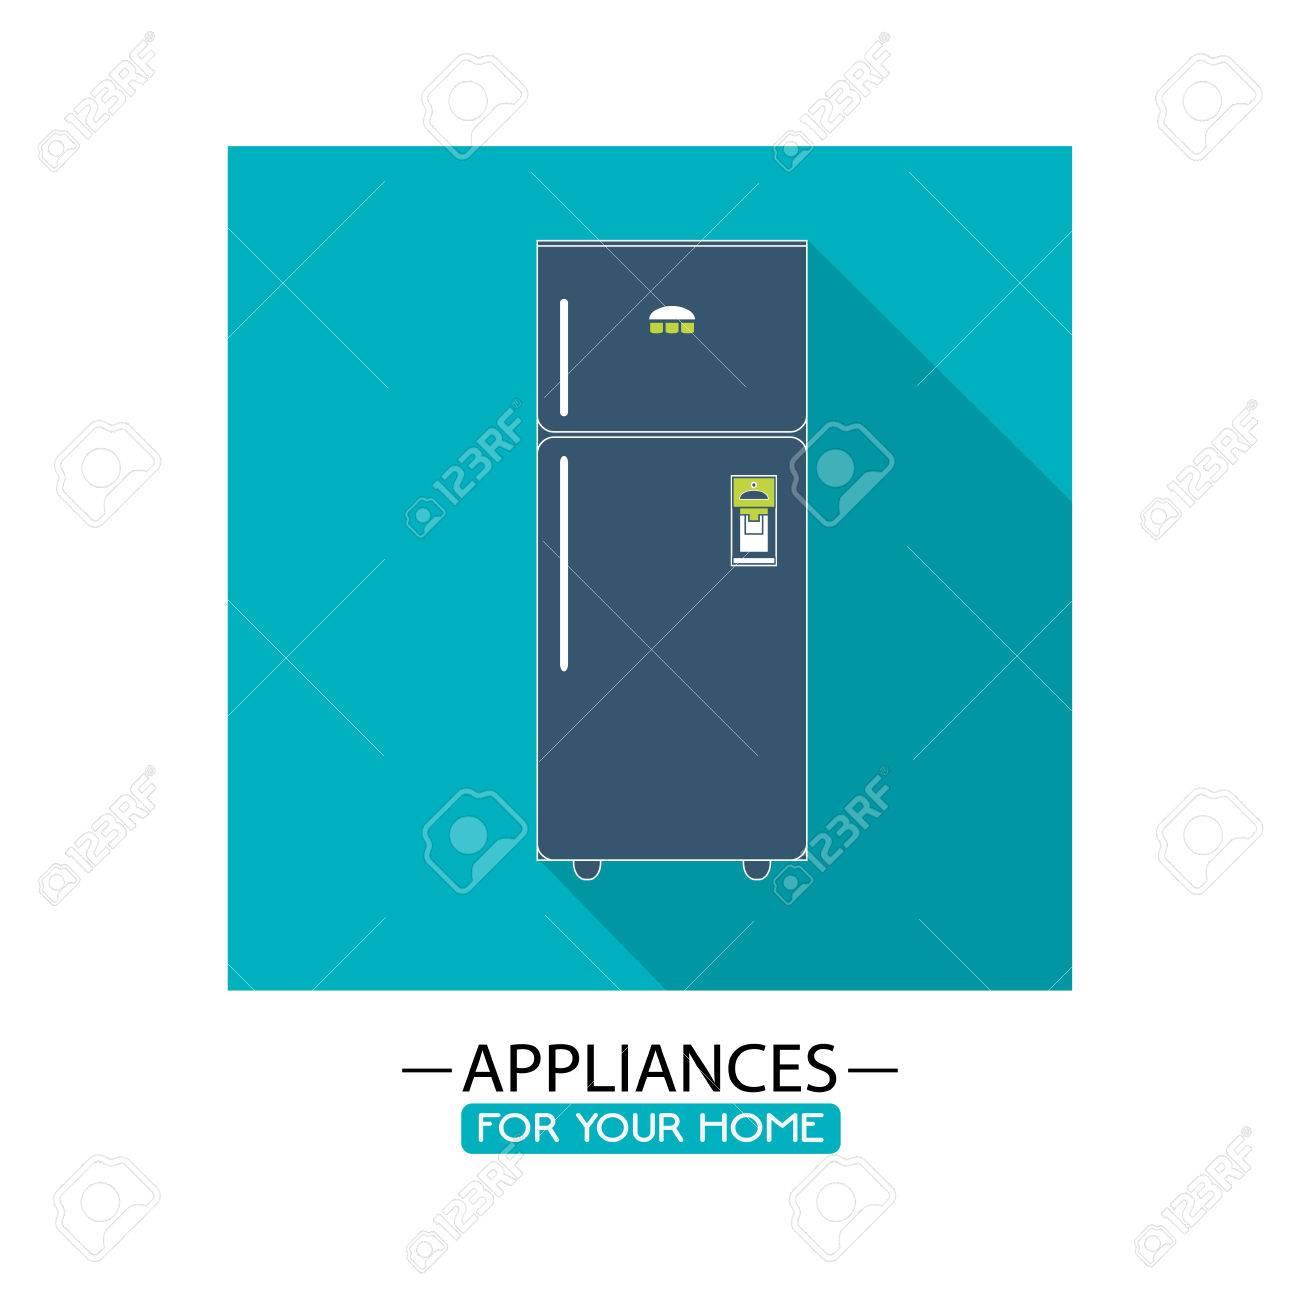 Kühlschrank-Symbol. Elektronische Geräte Und Zubehör Für Ihr Zuhause ...